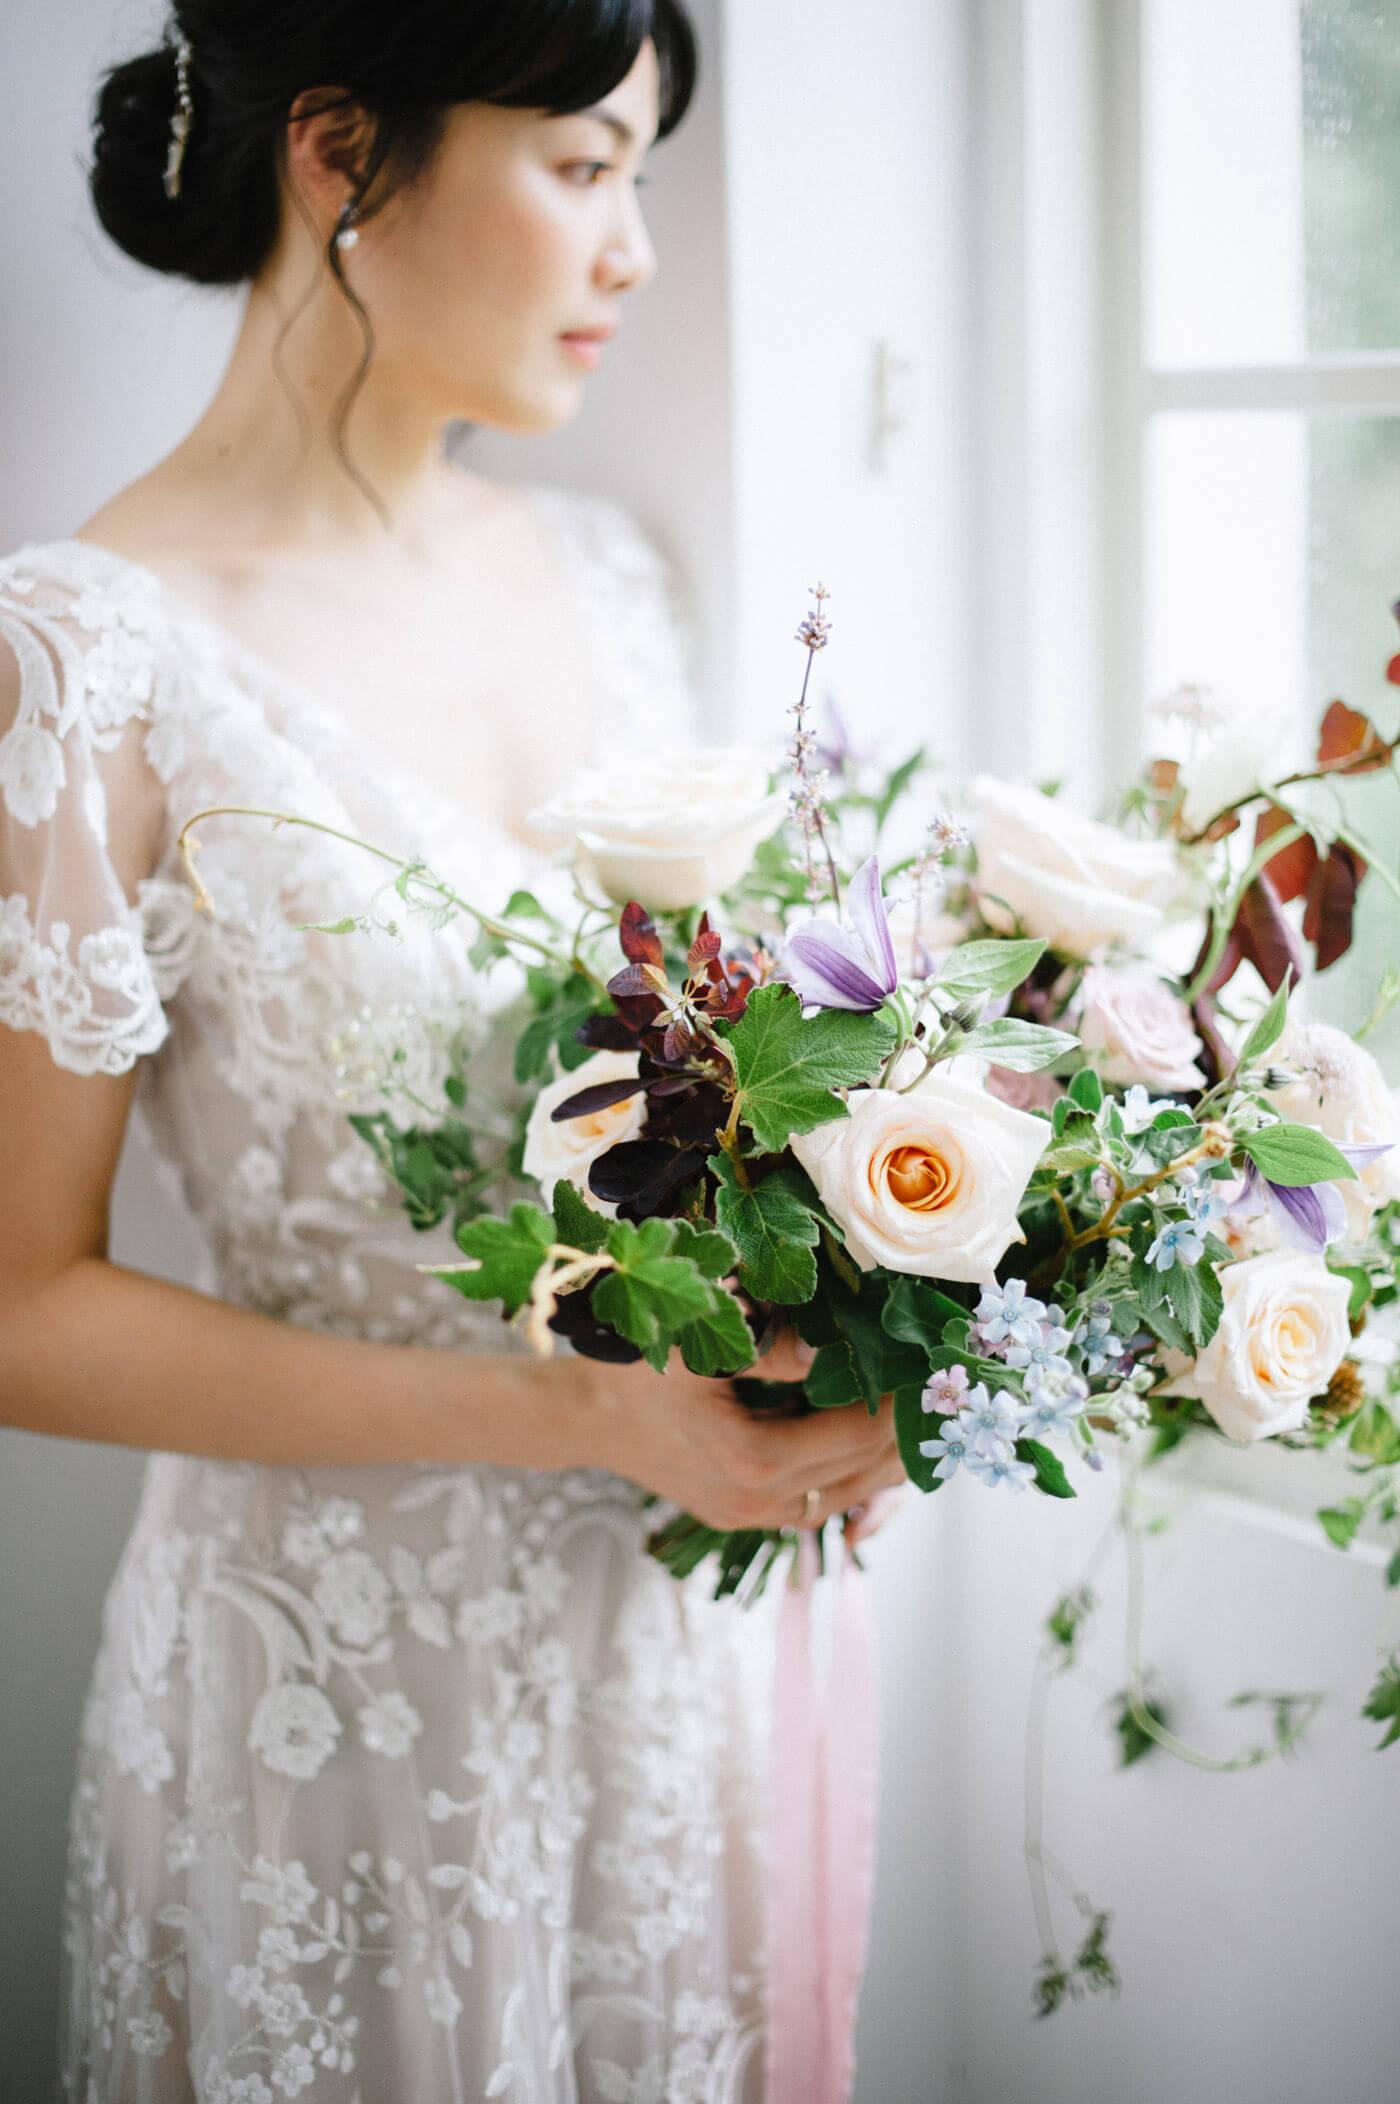 十週年婚紗 婚紗 捧花